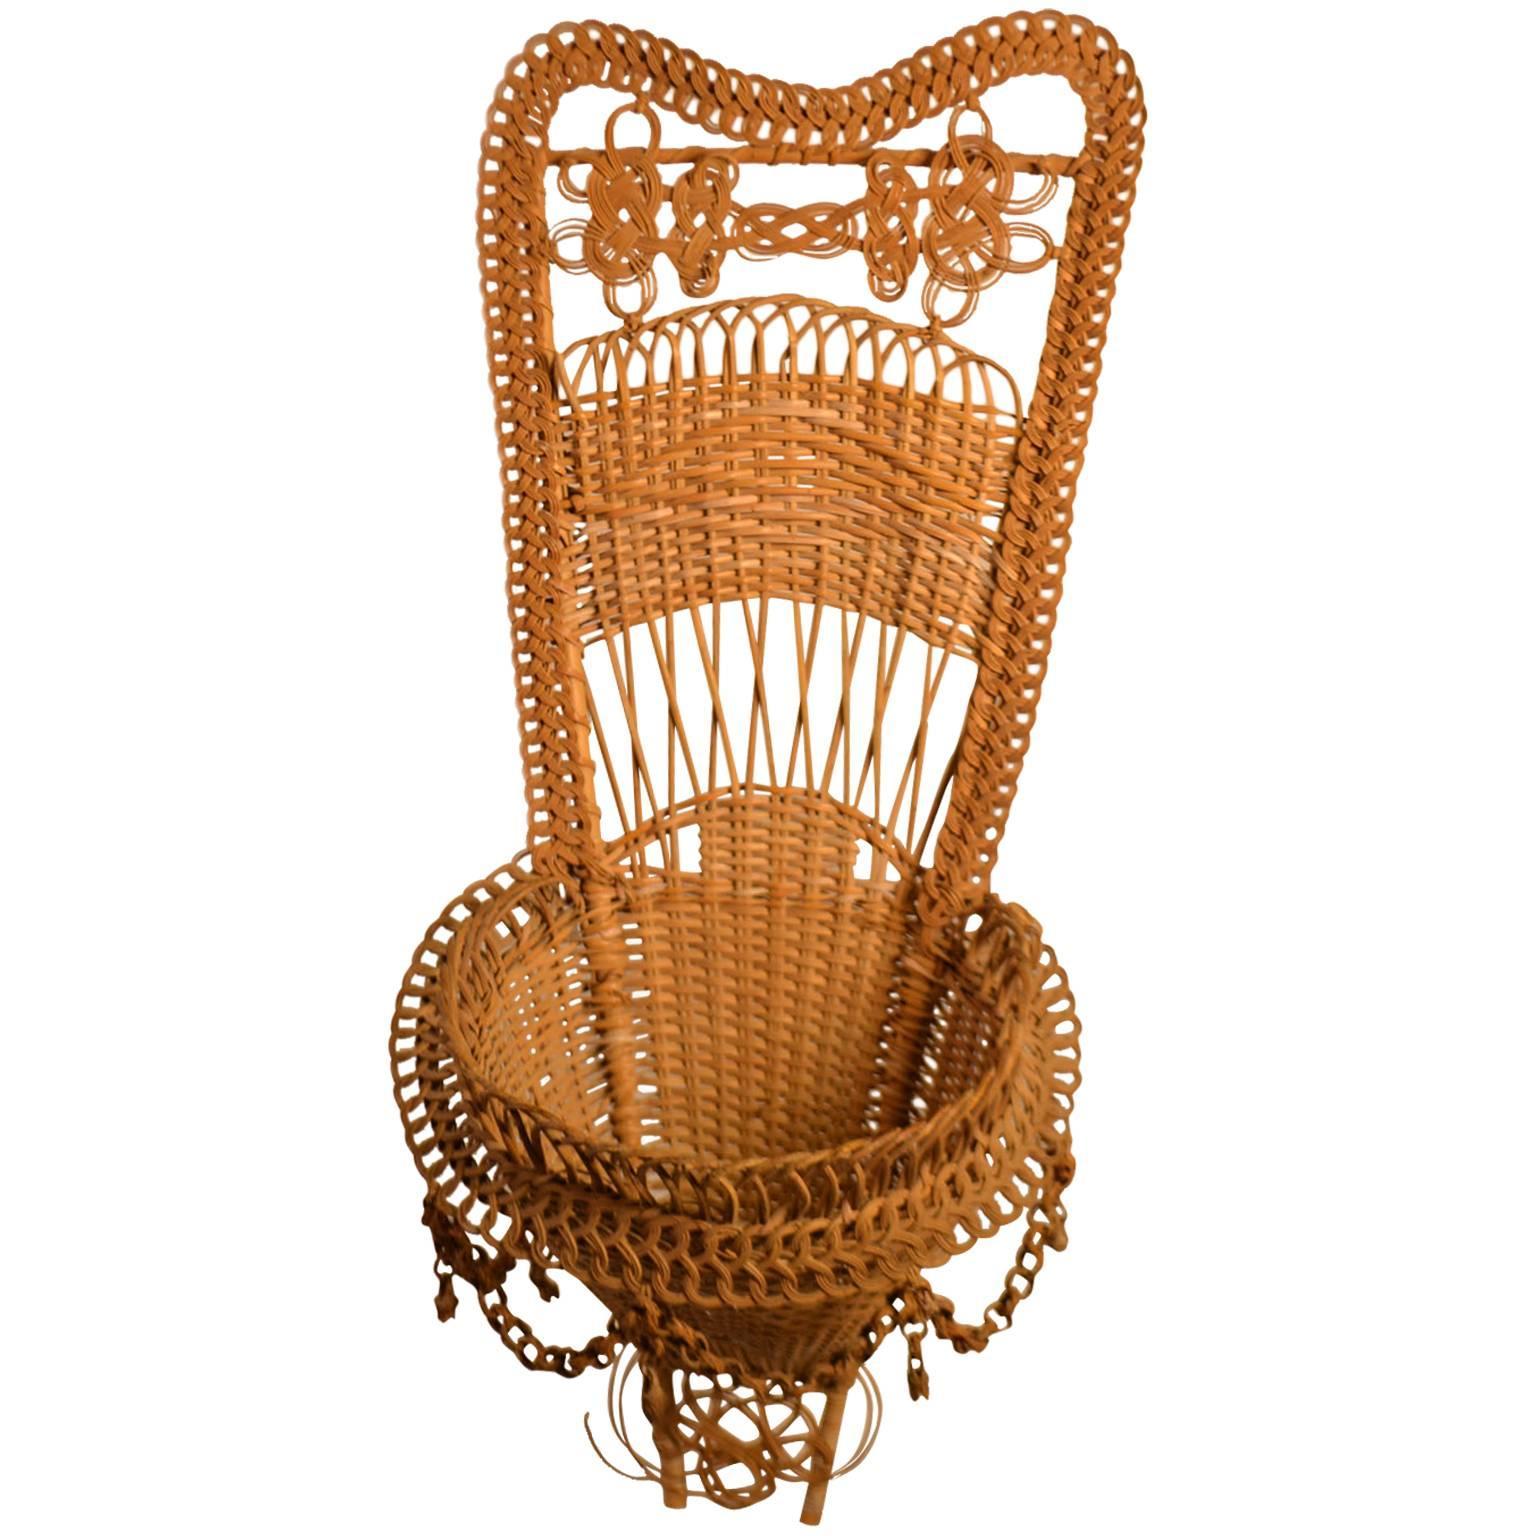 20th Century Wicker Work Basket